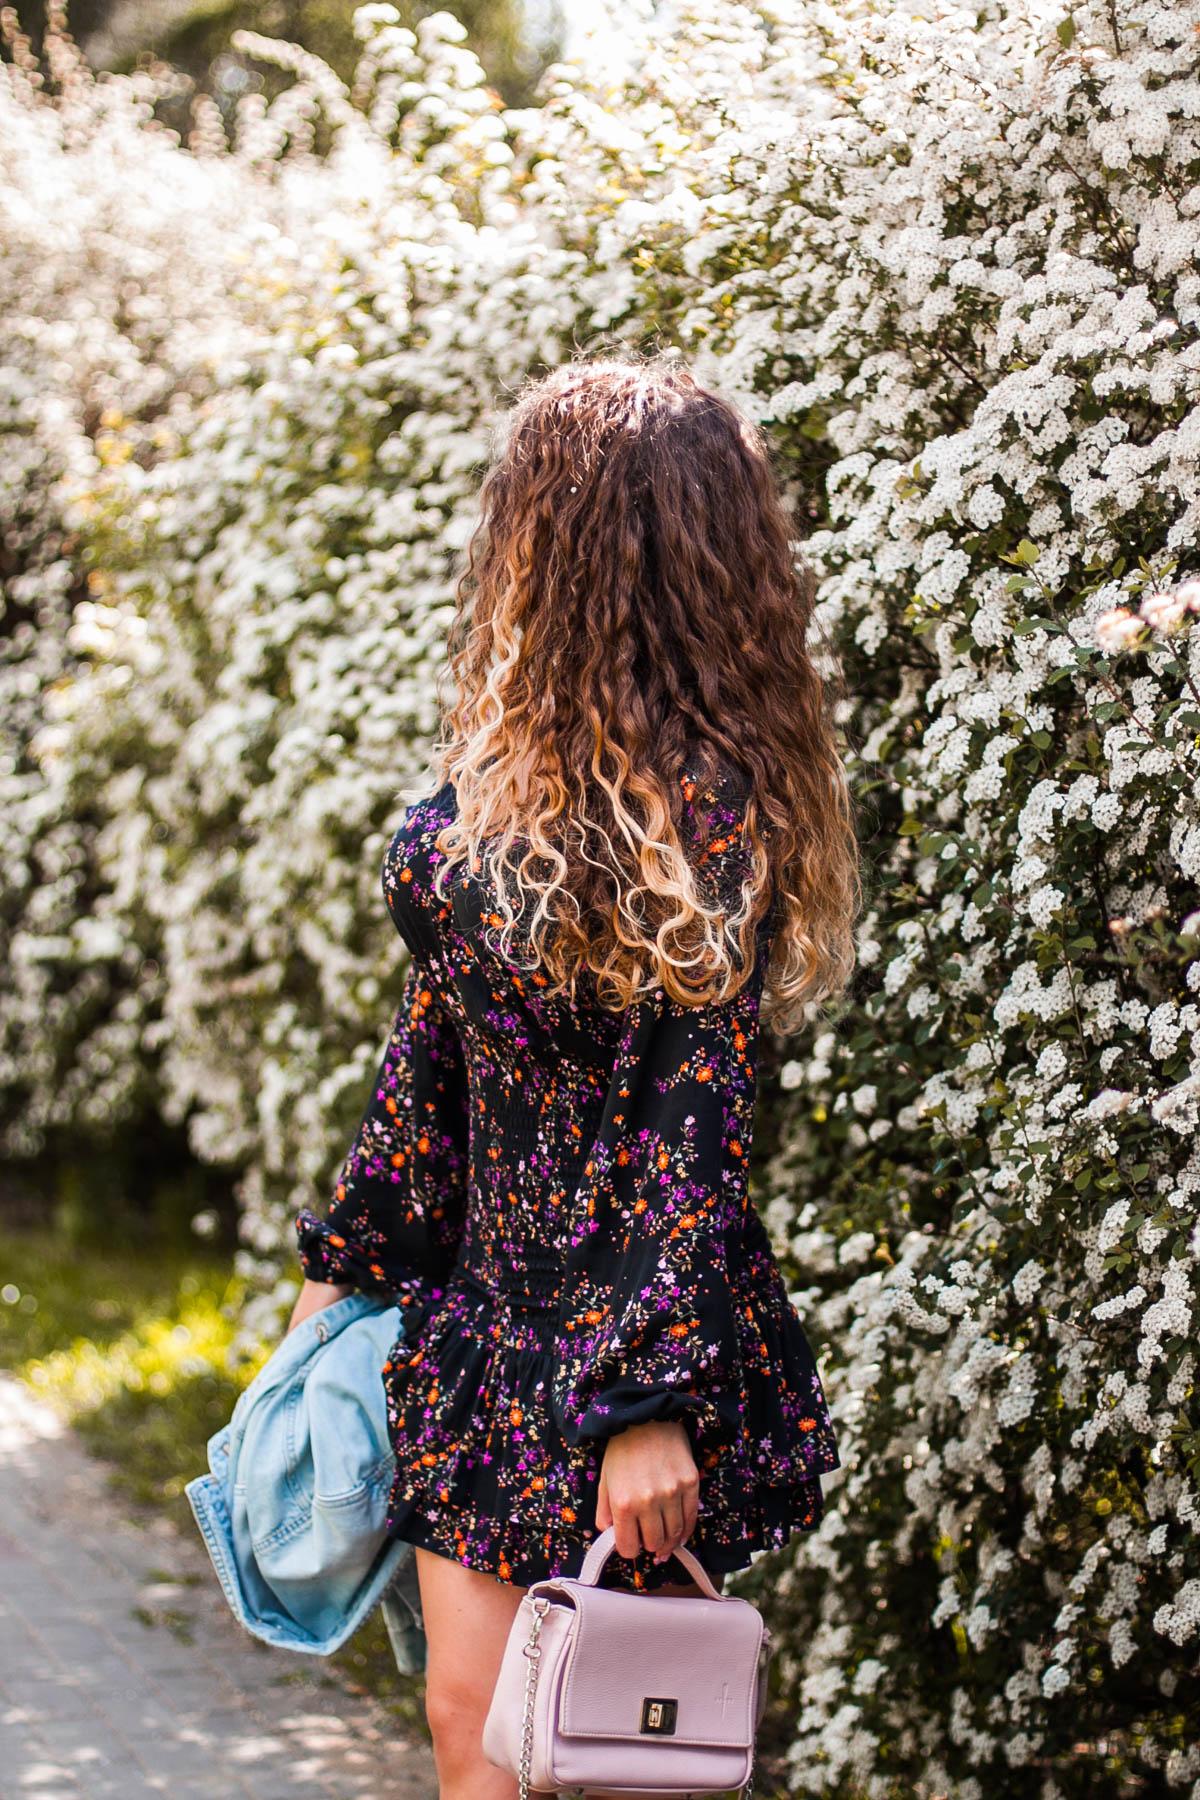 czarna sukienka w kwiaty ze sklepi Laurella